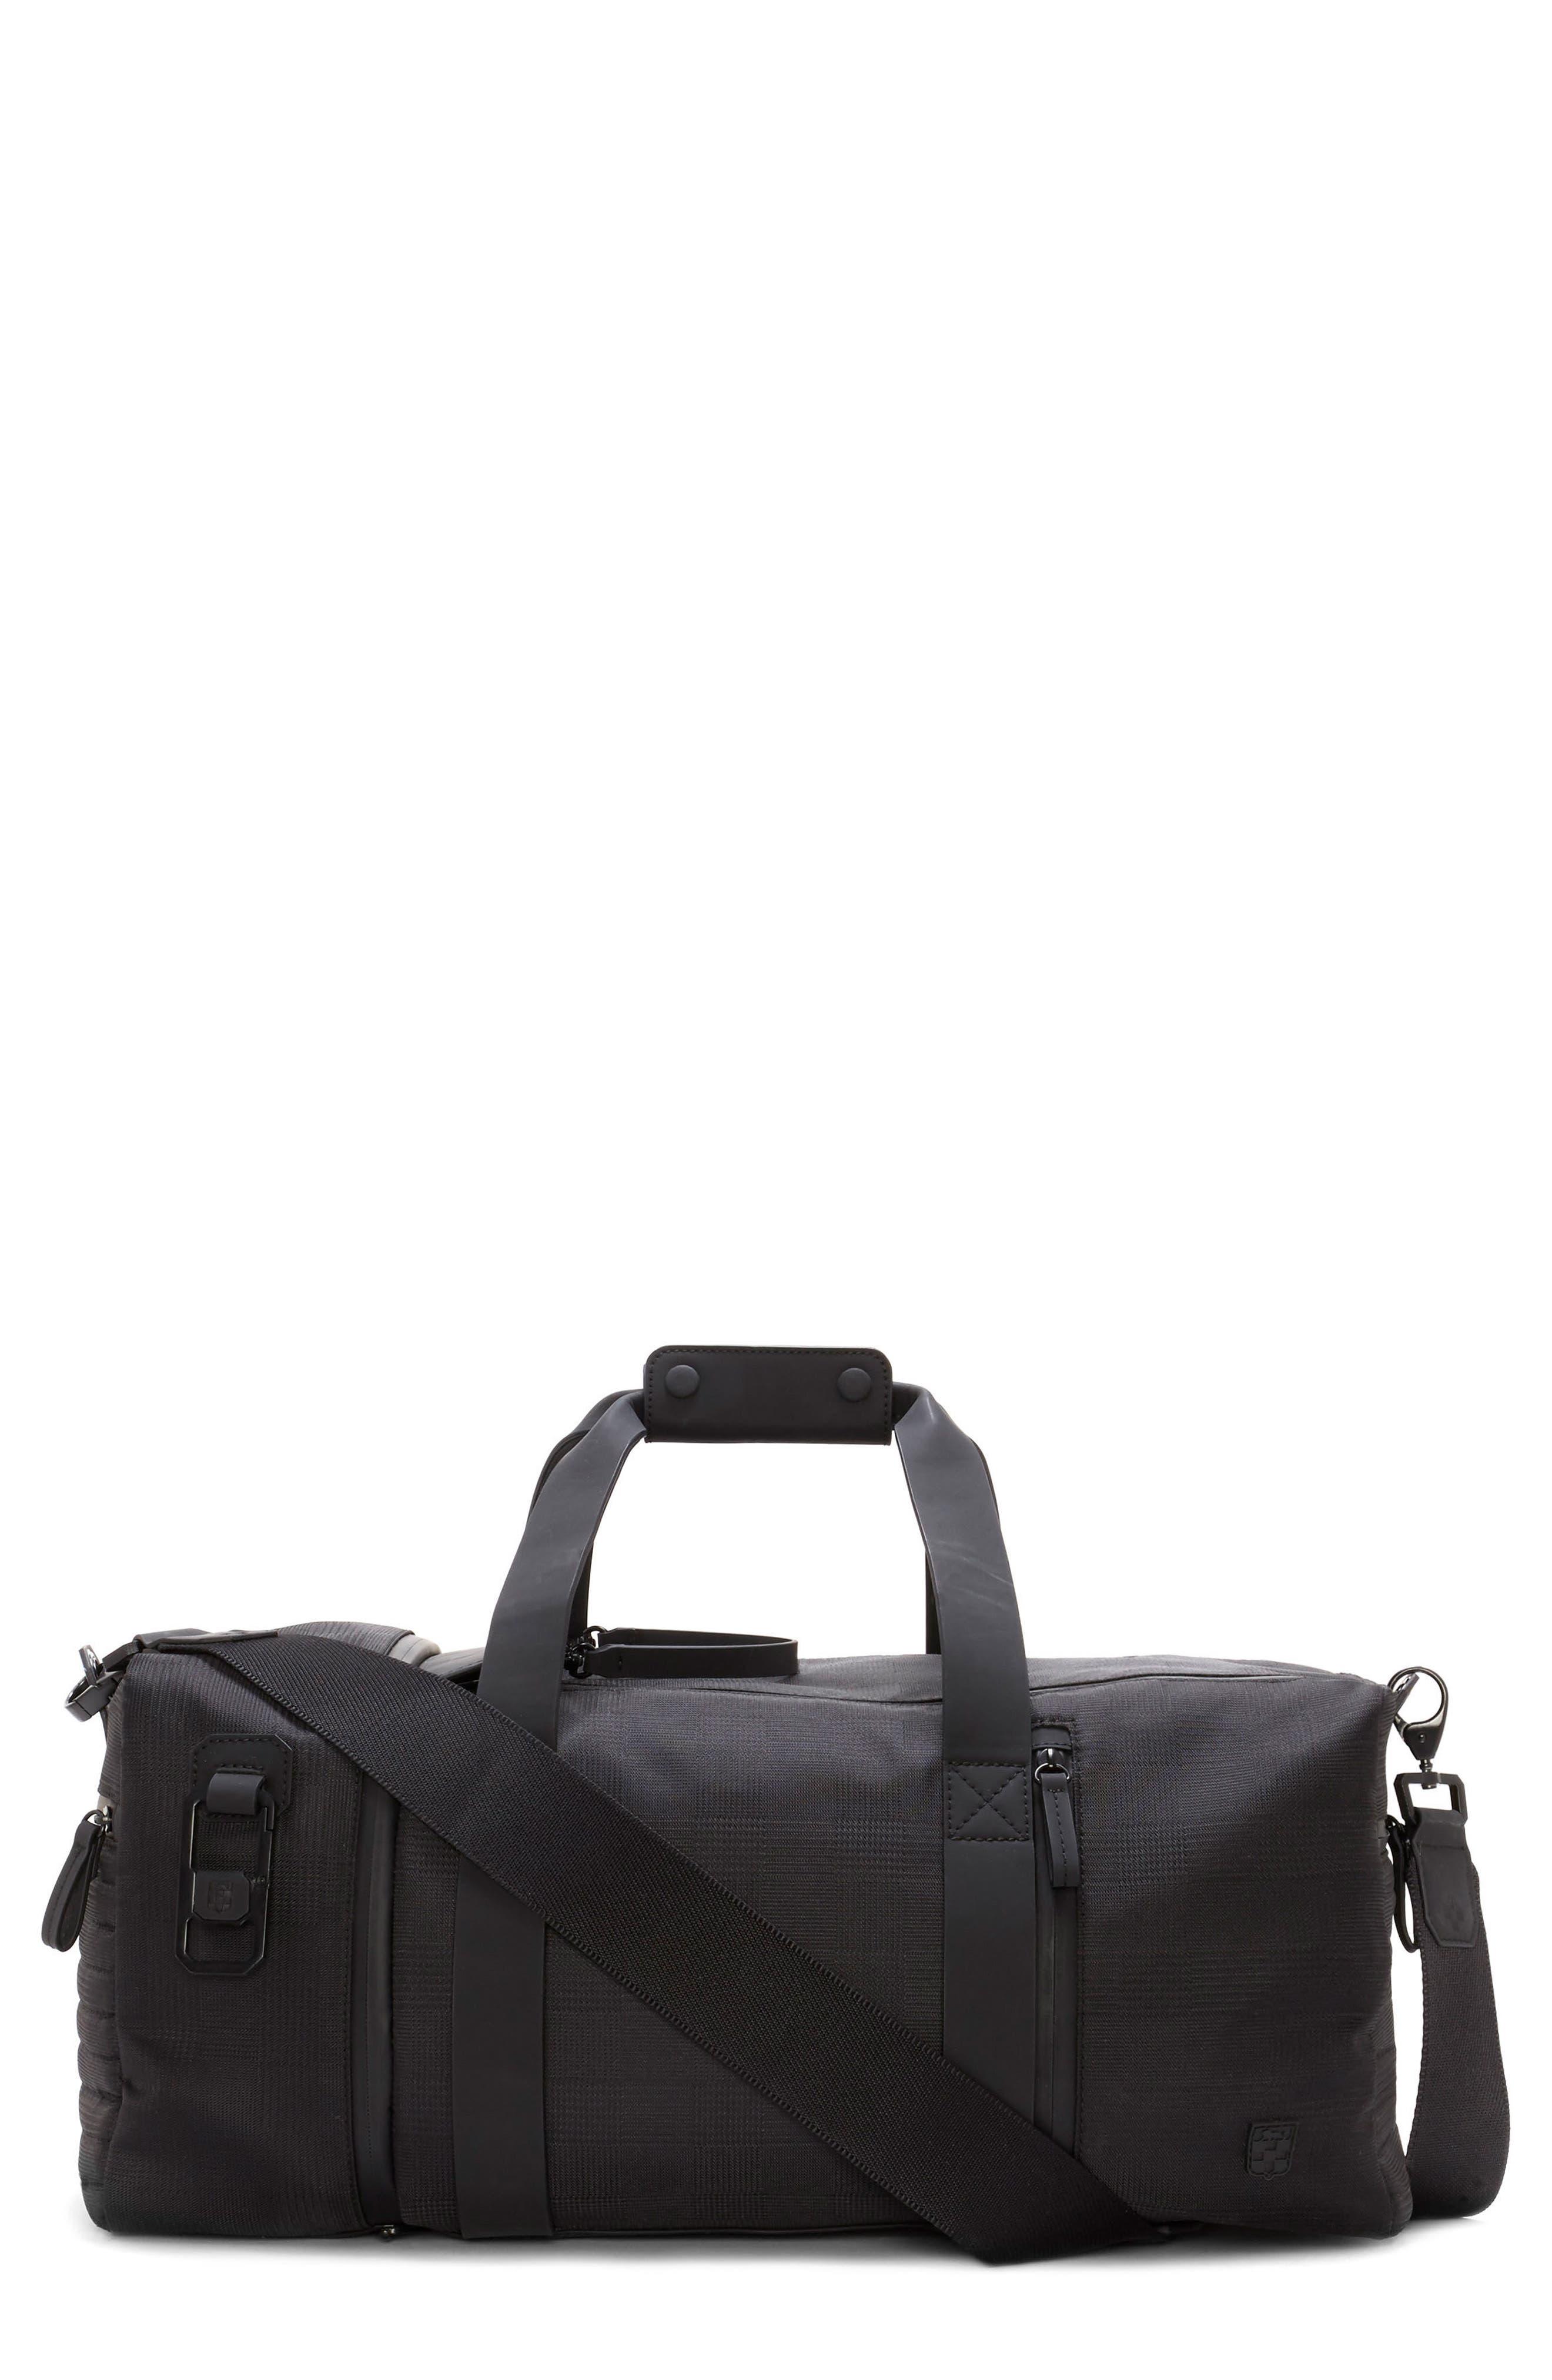 Race Duffel Bag,                         Main,                         color, Black Plaid